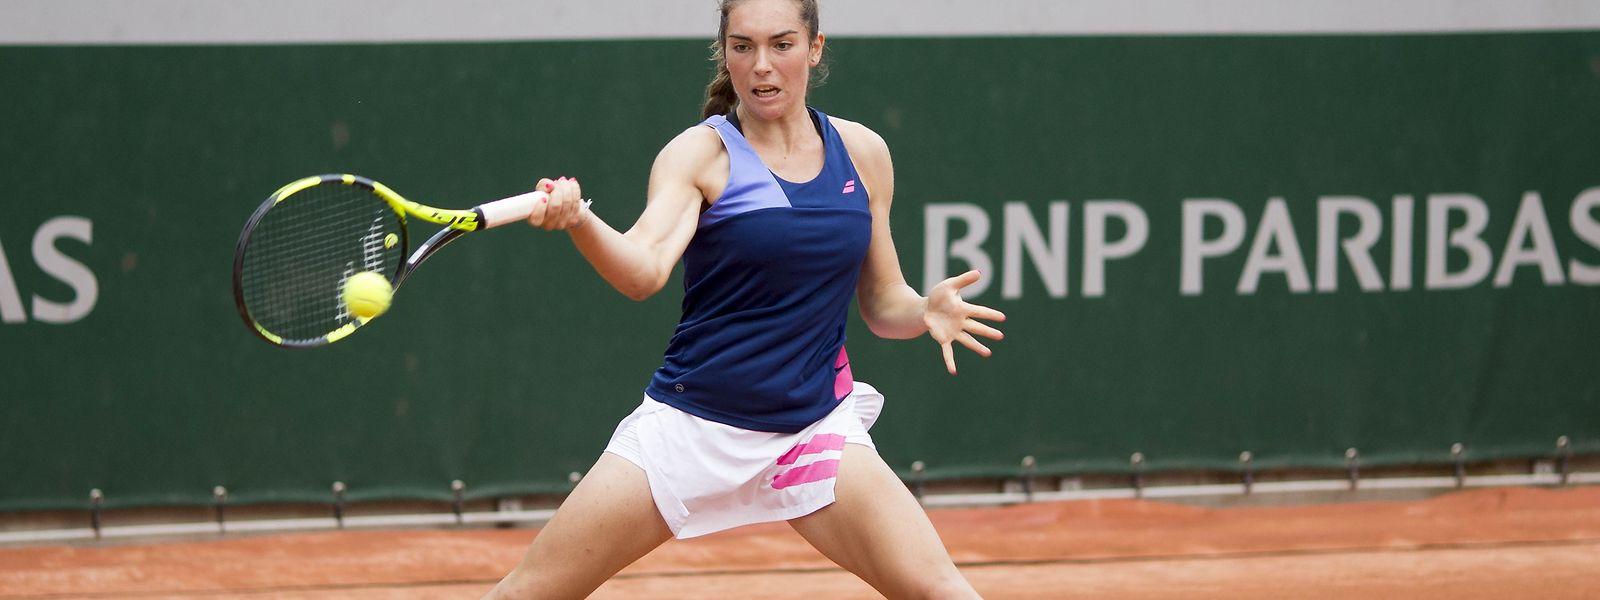 Eléonora Molinaro a dû s'avouer vaincue au bout du tie-break du troisième set à Aschaffenburg